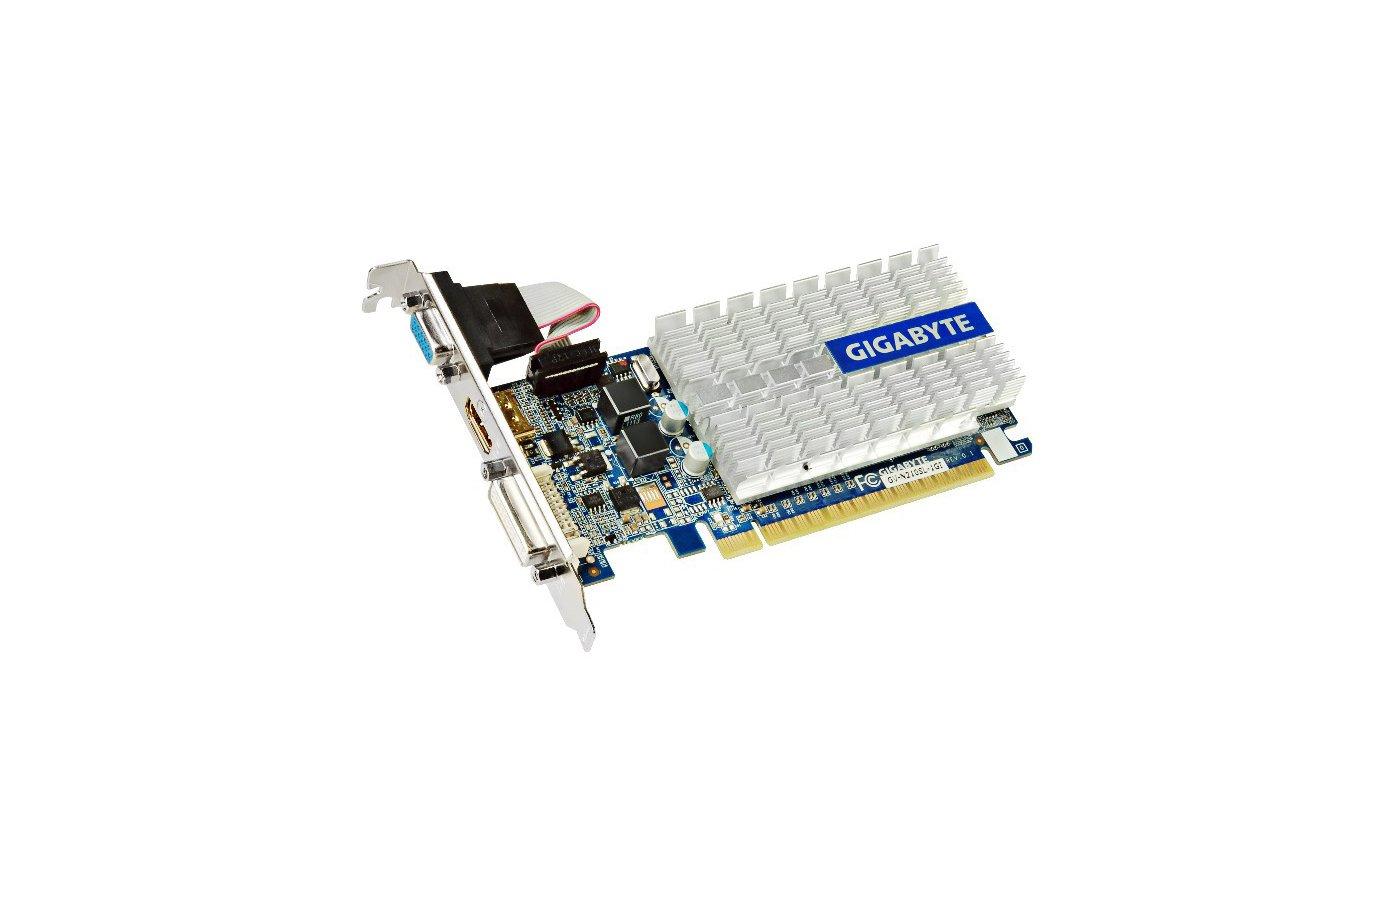 Видеокарта Gigabyte PCI-E GV-N210SL-1GI nVidia GeForce 210 1024Mb 64bit Ret